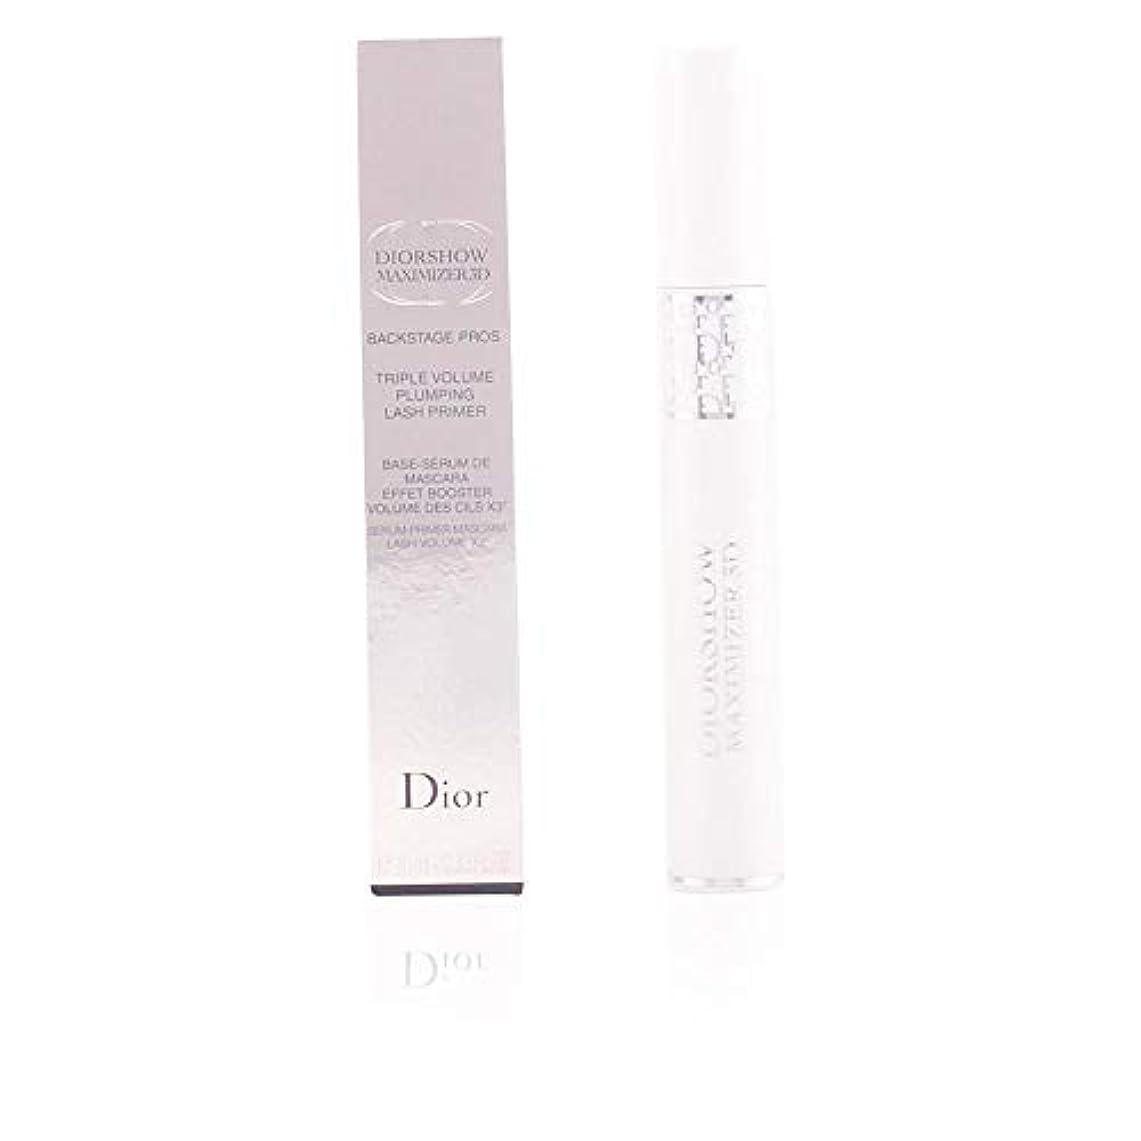 抵抗する黒くするホバークリスチャン ディオール(Christian Dior) ディオールショウ マキシマイザー 3D 10ml[並行輸入品]